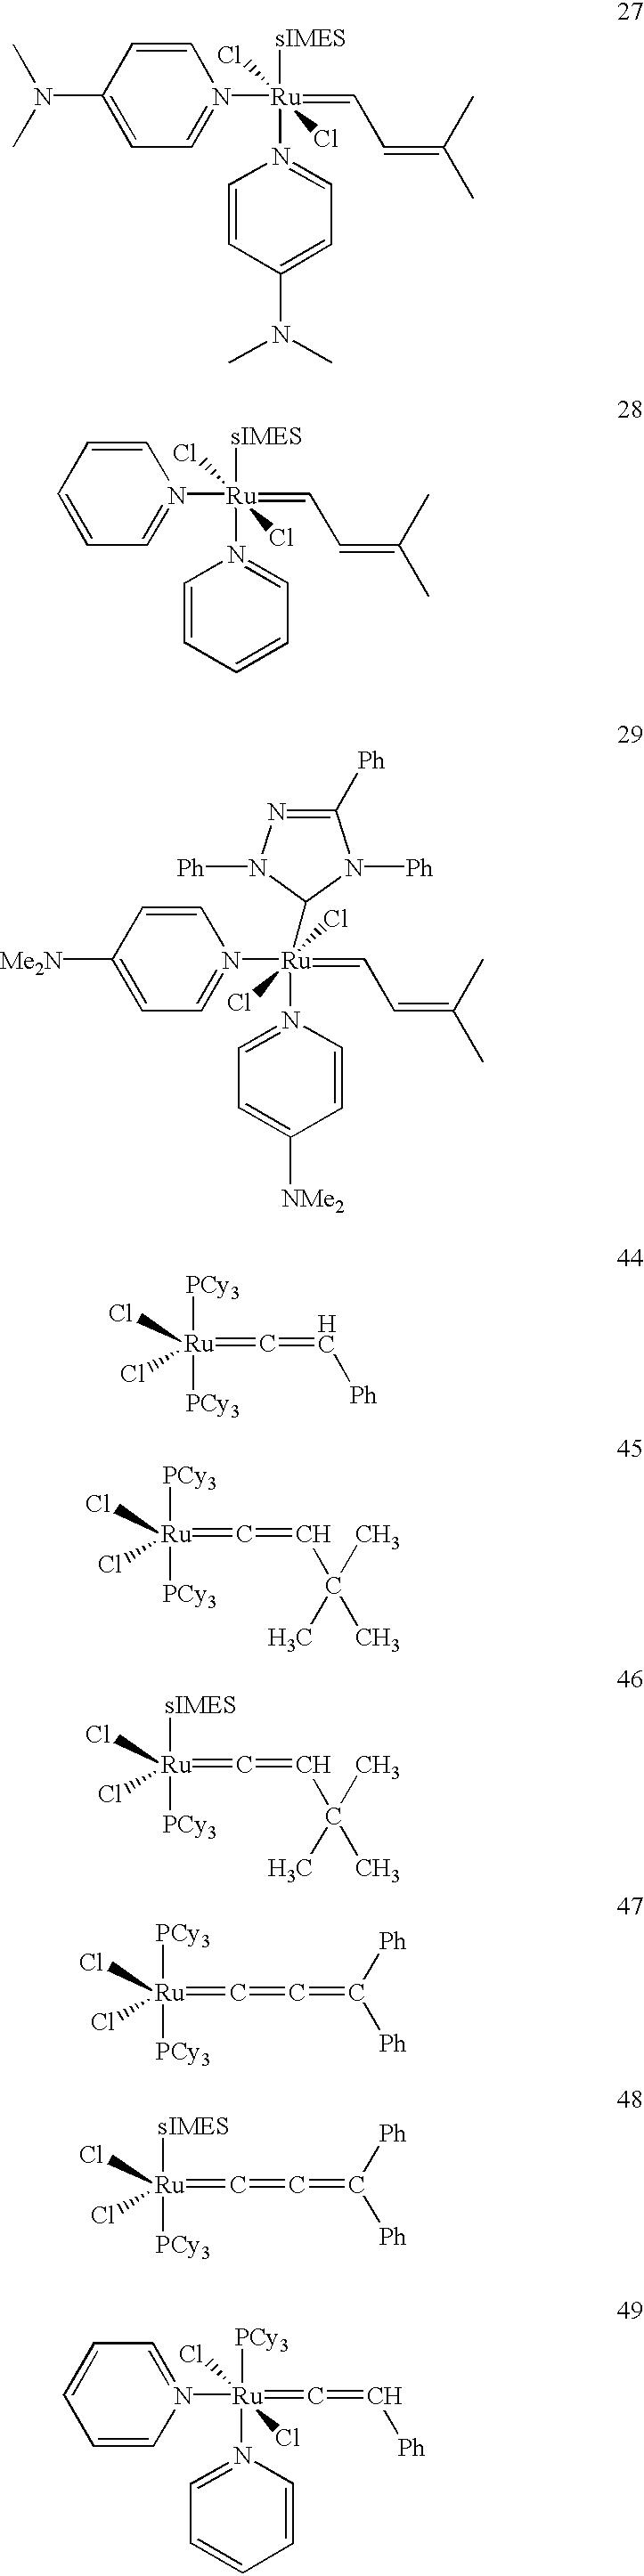 Figure US06818586-20041116-C00020